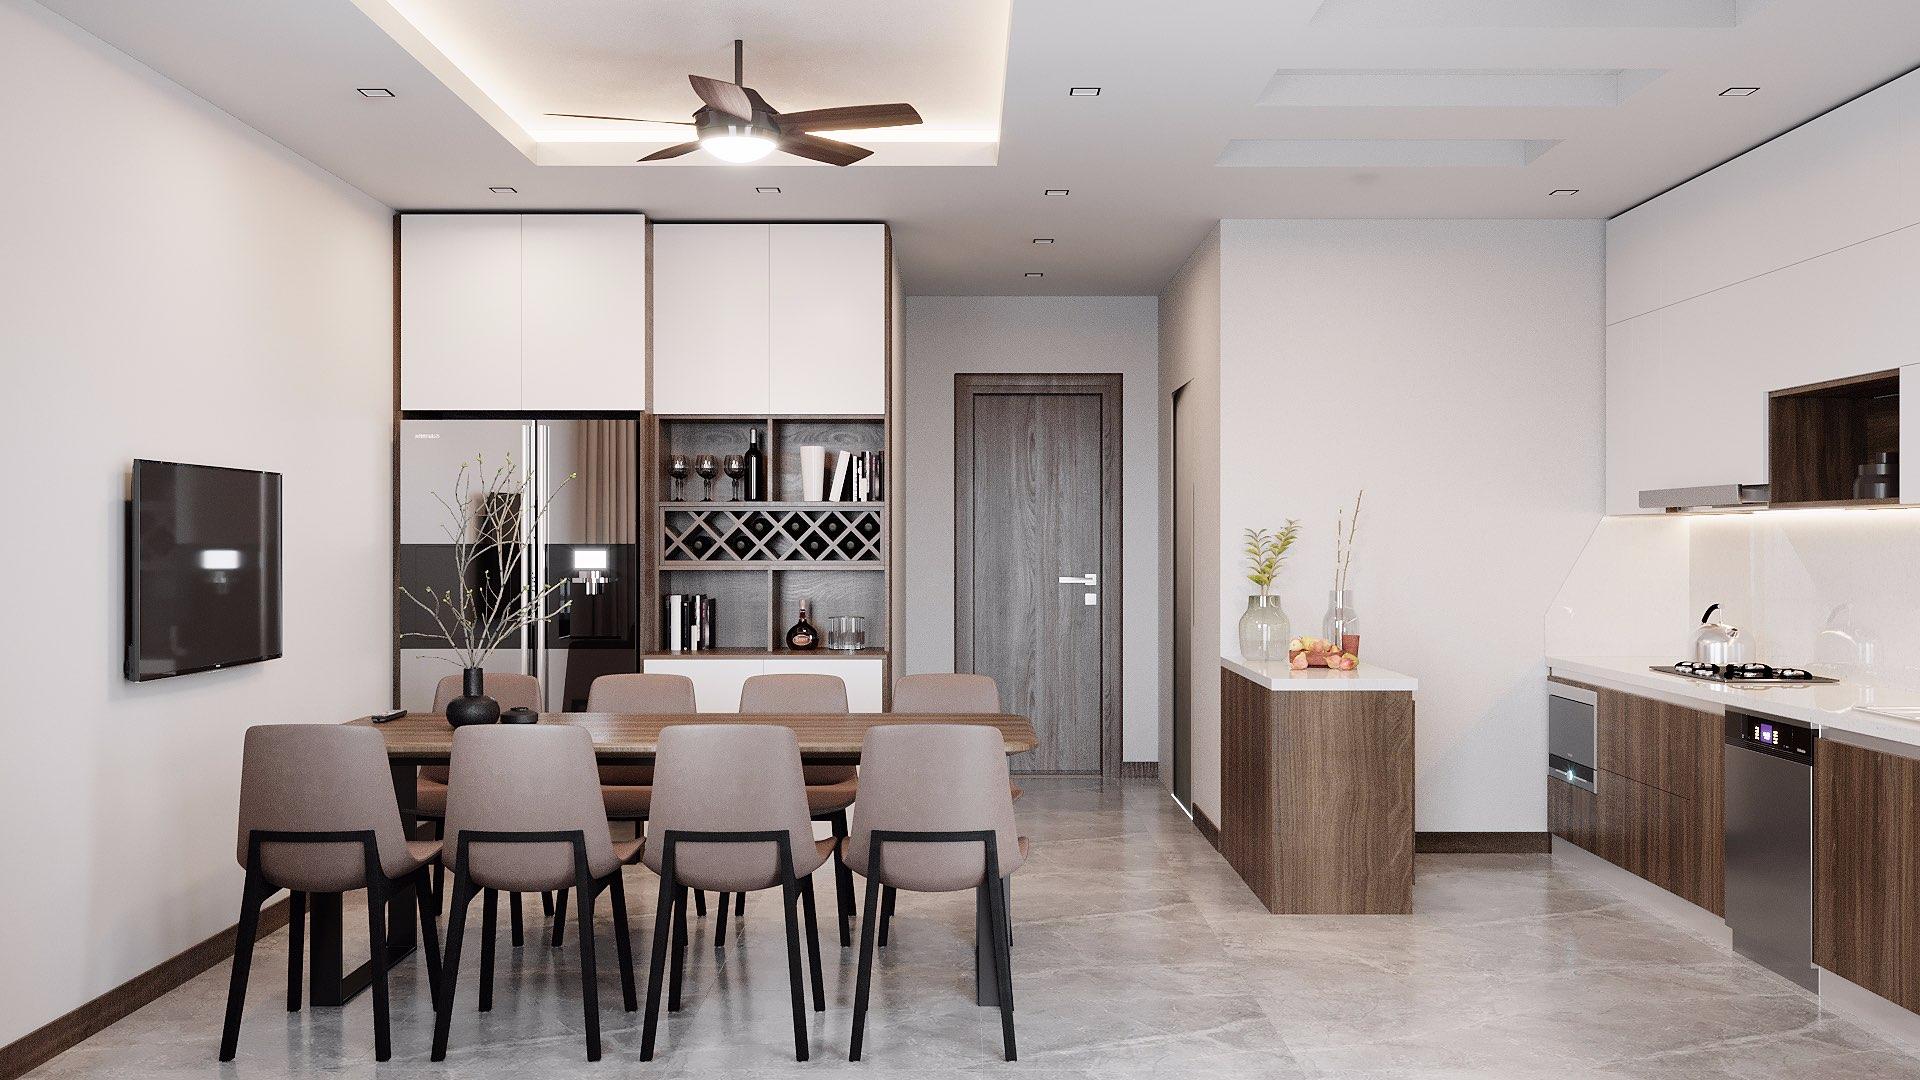 Tủ để đồ, tủ bếp, bàn đảo bếp đều được thiết kế kịch trần và kịch sàn giúp tăng không gian lưu trữ tối đa.